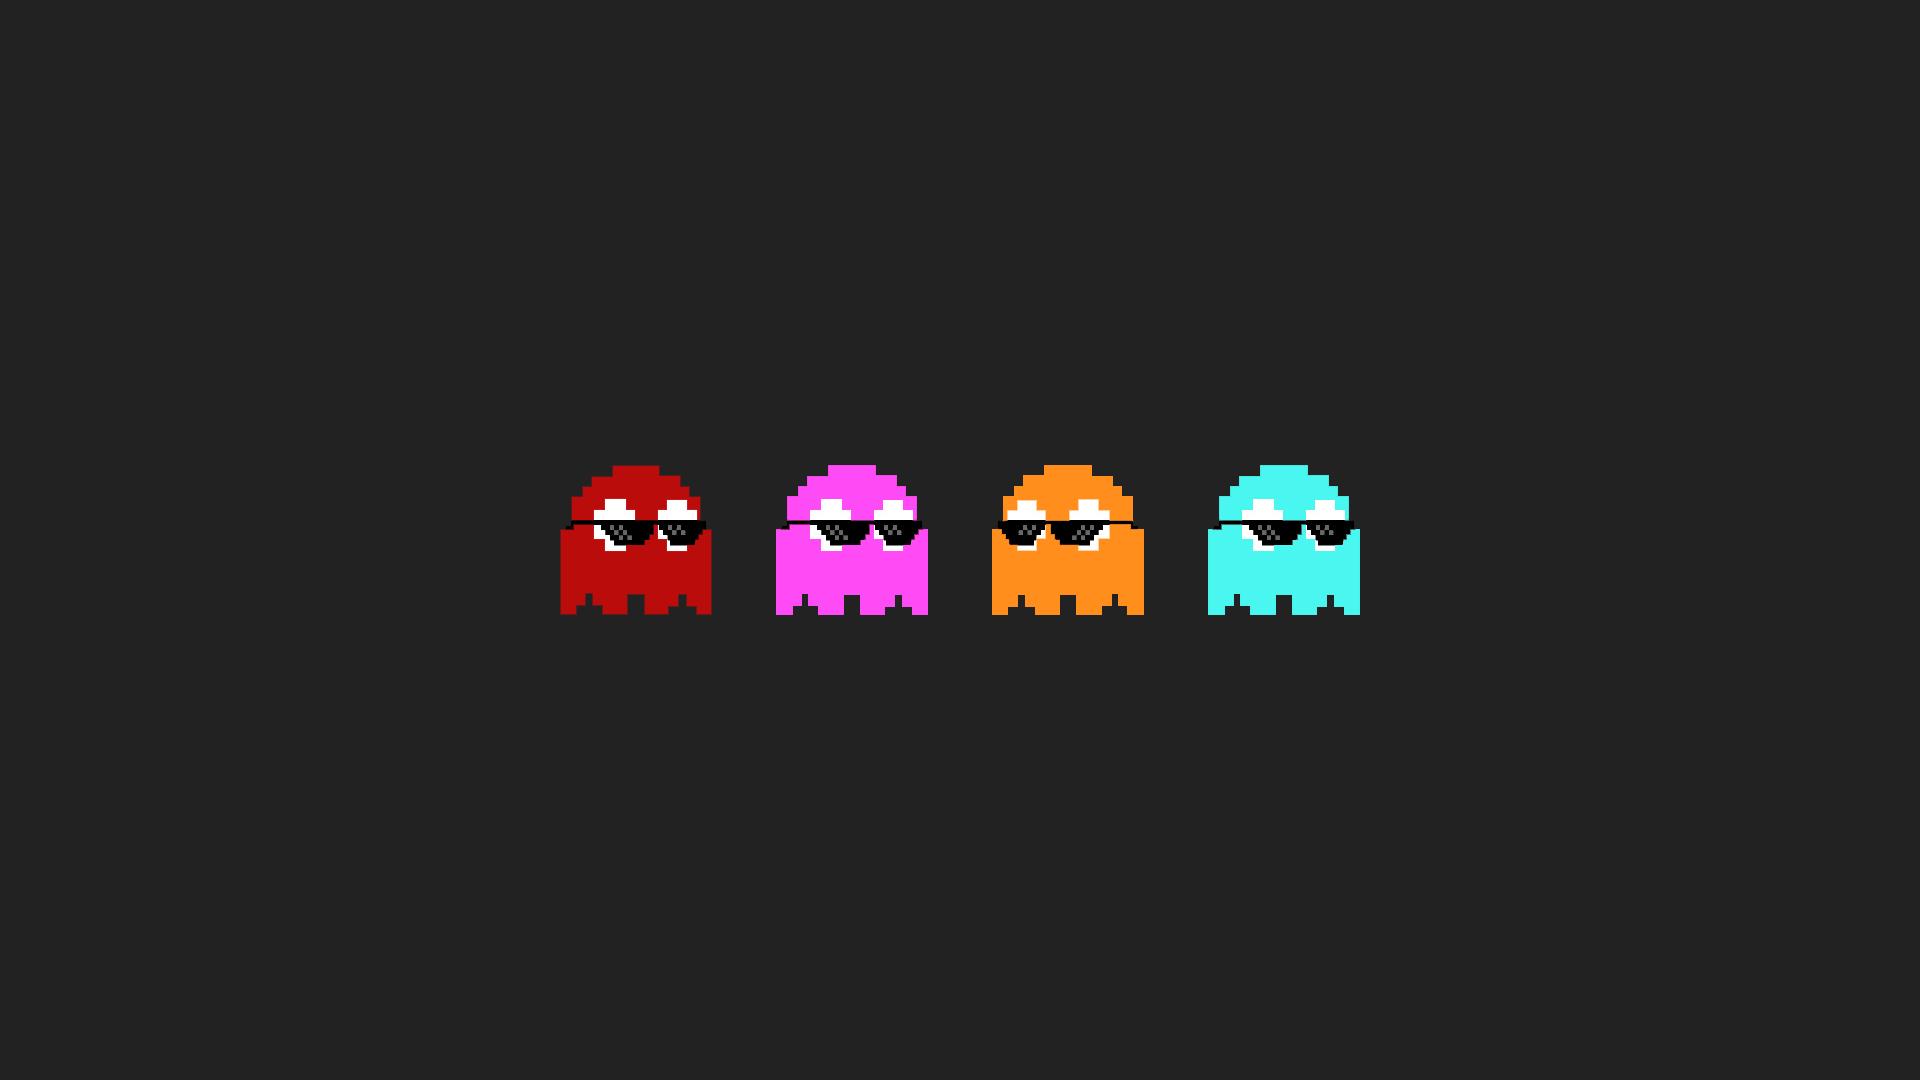 Suits Hd Wallpaper Quotes Pacman Backgrounds Hd Pixelstalk Net